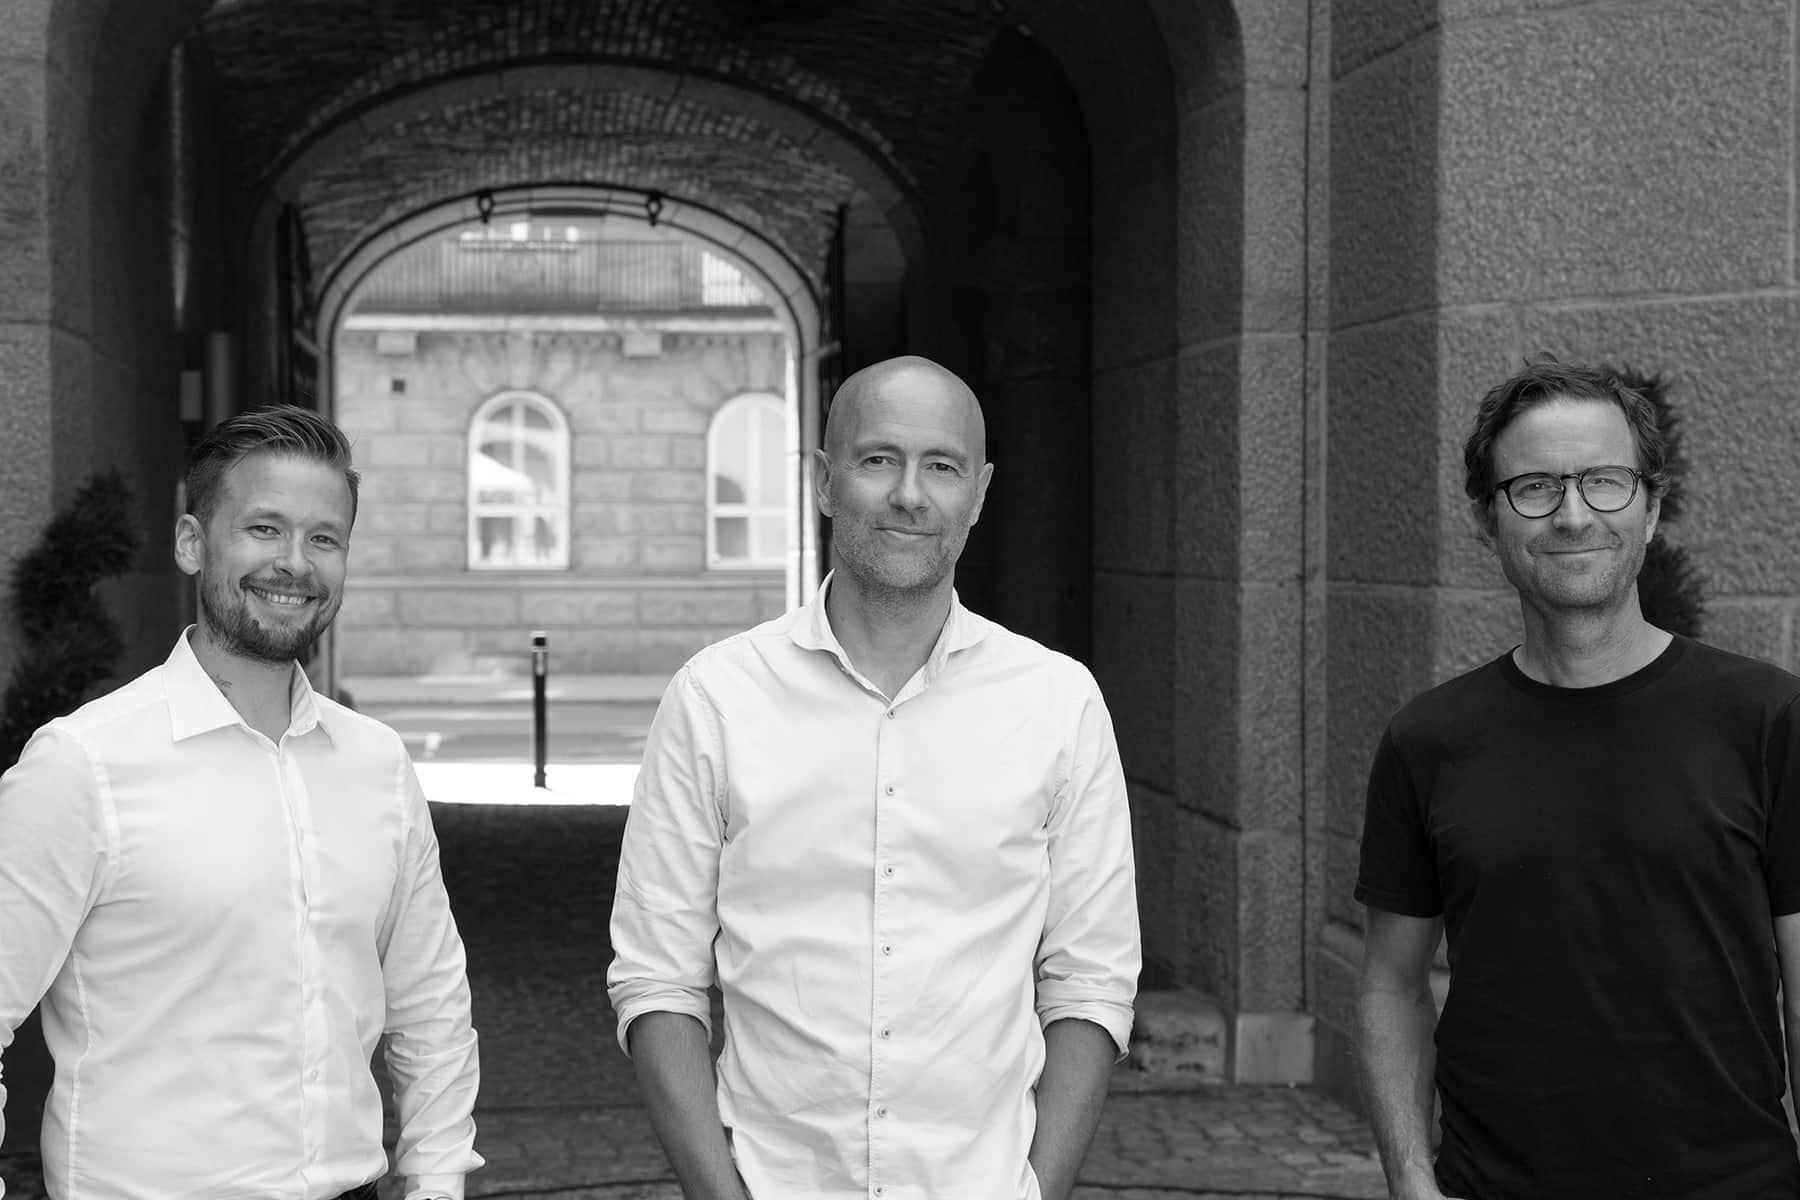 Sort-hvitt foto av 3 menn i bakgård: Thomas Bjerkeli, Jan Johnsen og Peder Mittet fra Publicis lanserer plattform for digitale mediekjøp